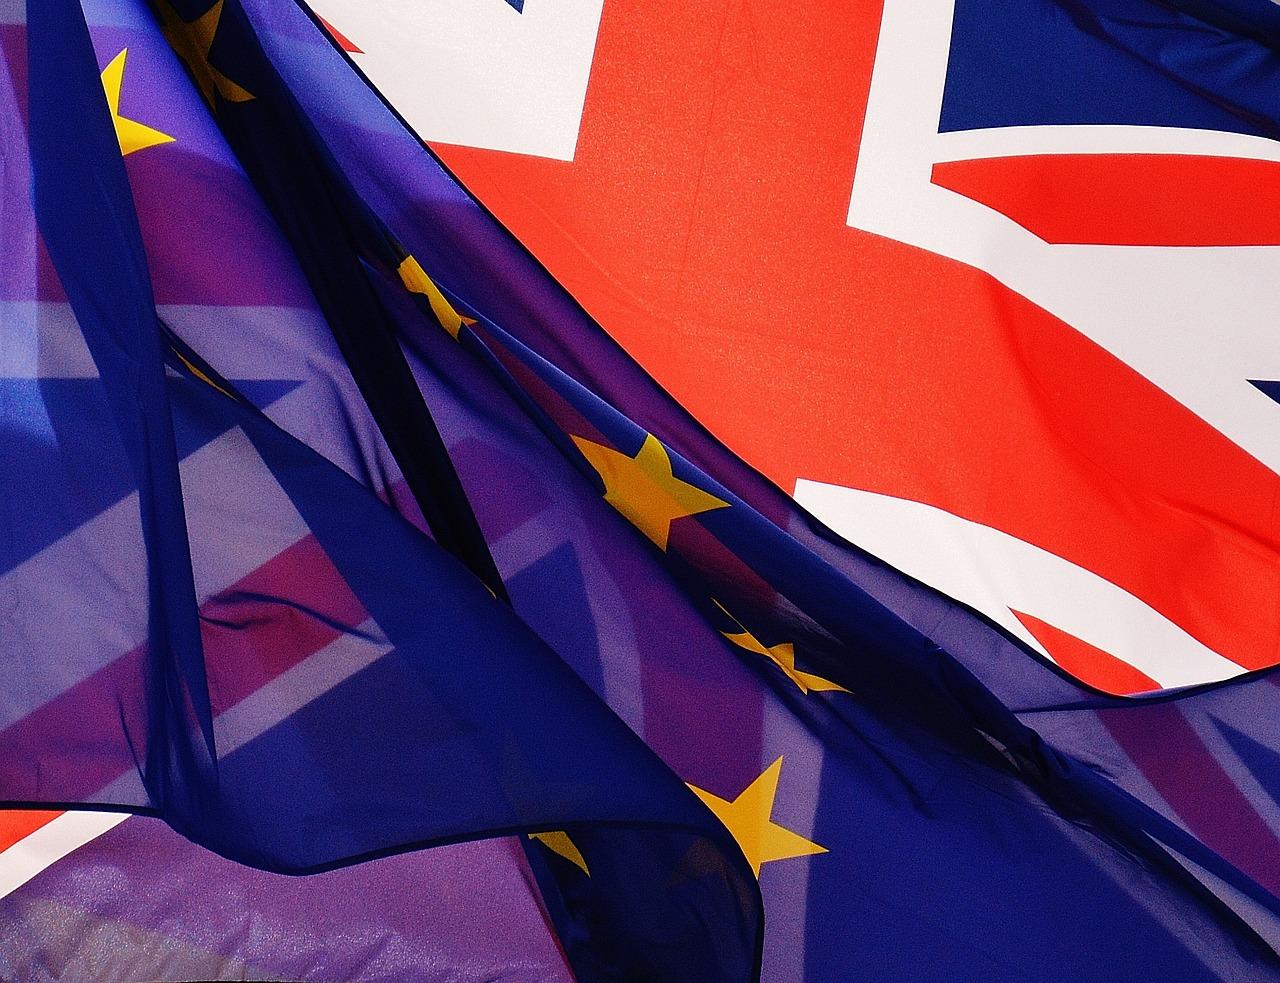 Quando un cittadino europeo può richiedere la cittadinanza britannica?